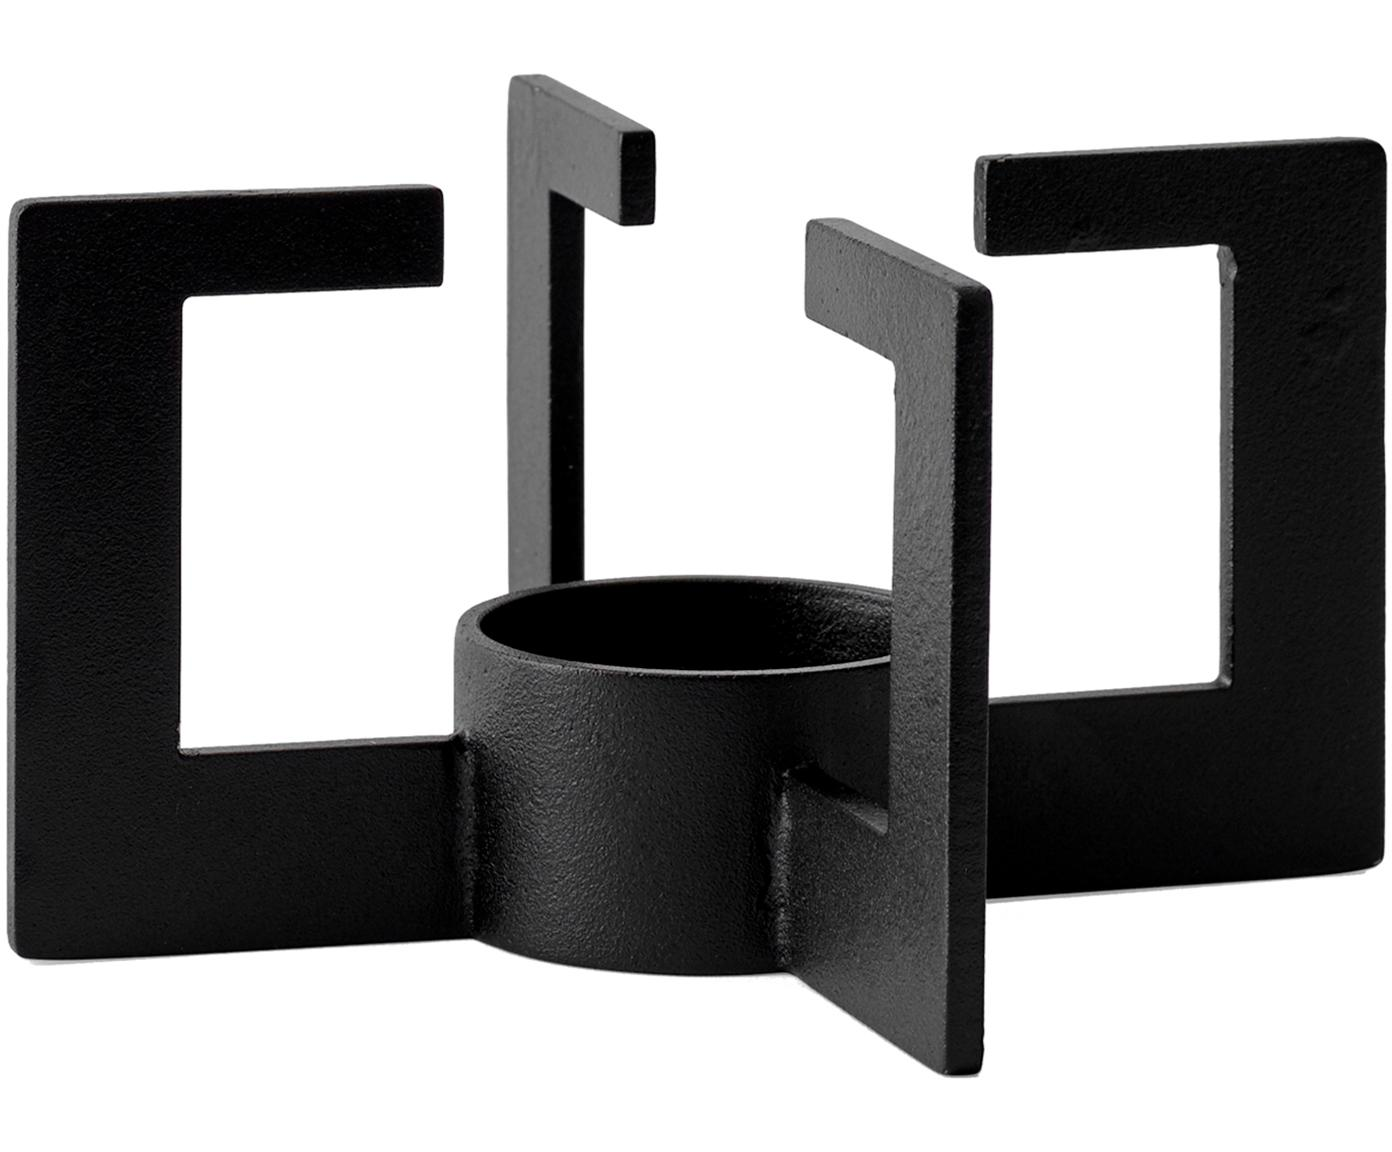 Podgrzewacz Warm-Up, Metal malowany proszkowo, guma, Czarny, Ø 8 x W 15 cm